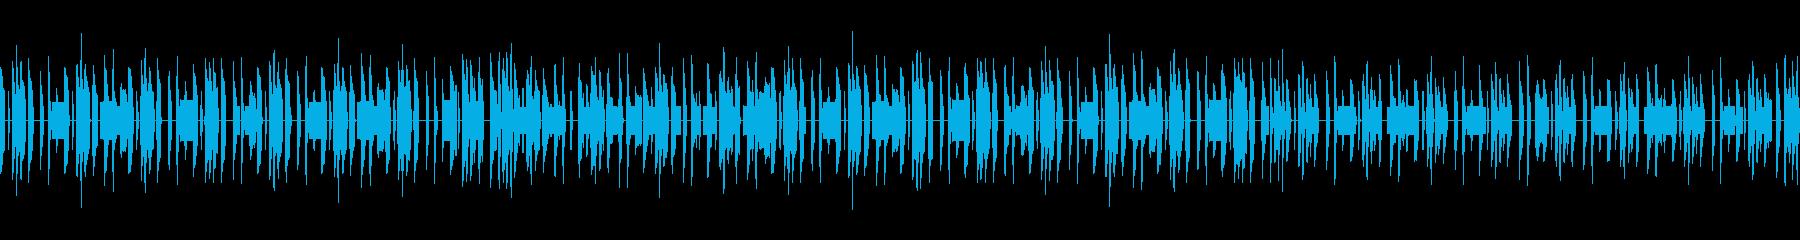 素朴な雰囲気のチップチューン楽曲の再生済みの波形